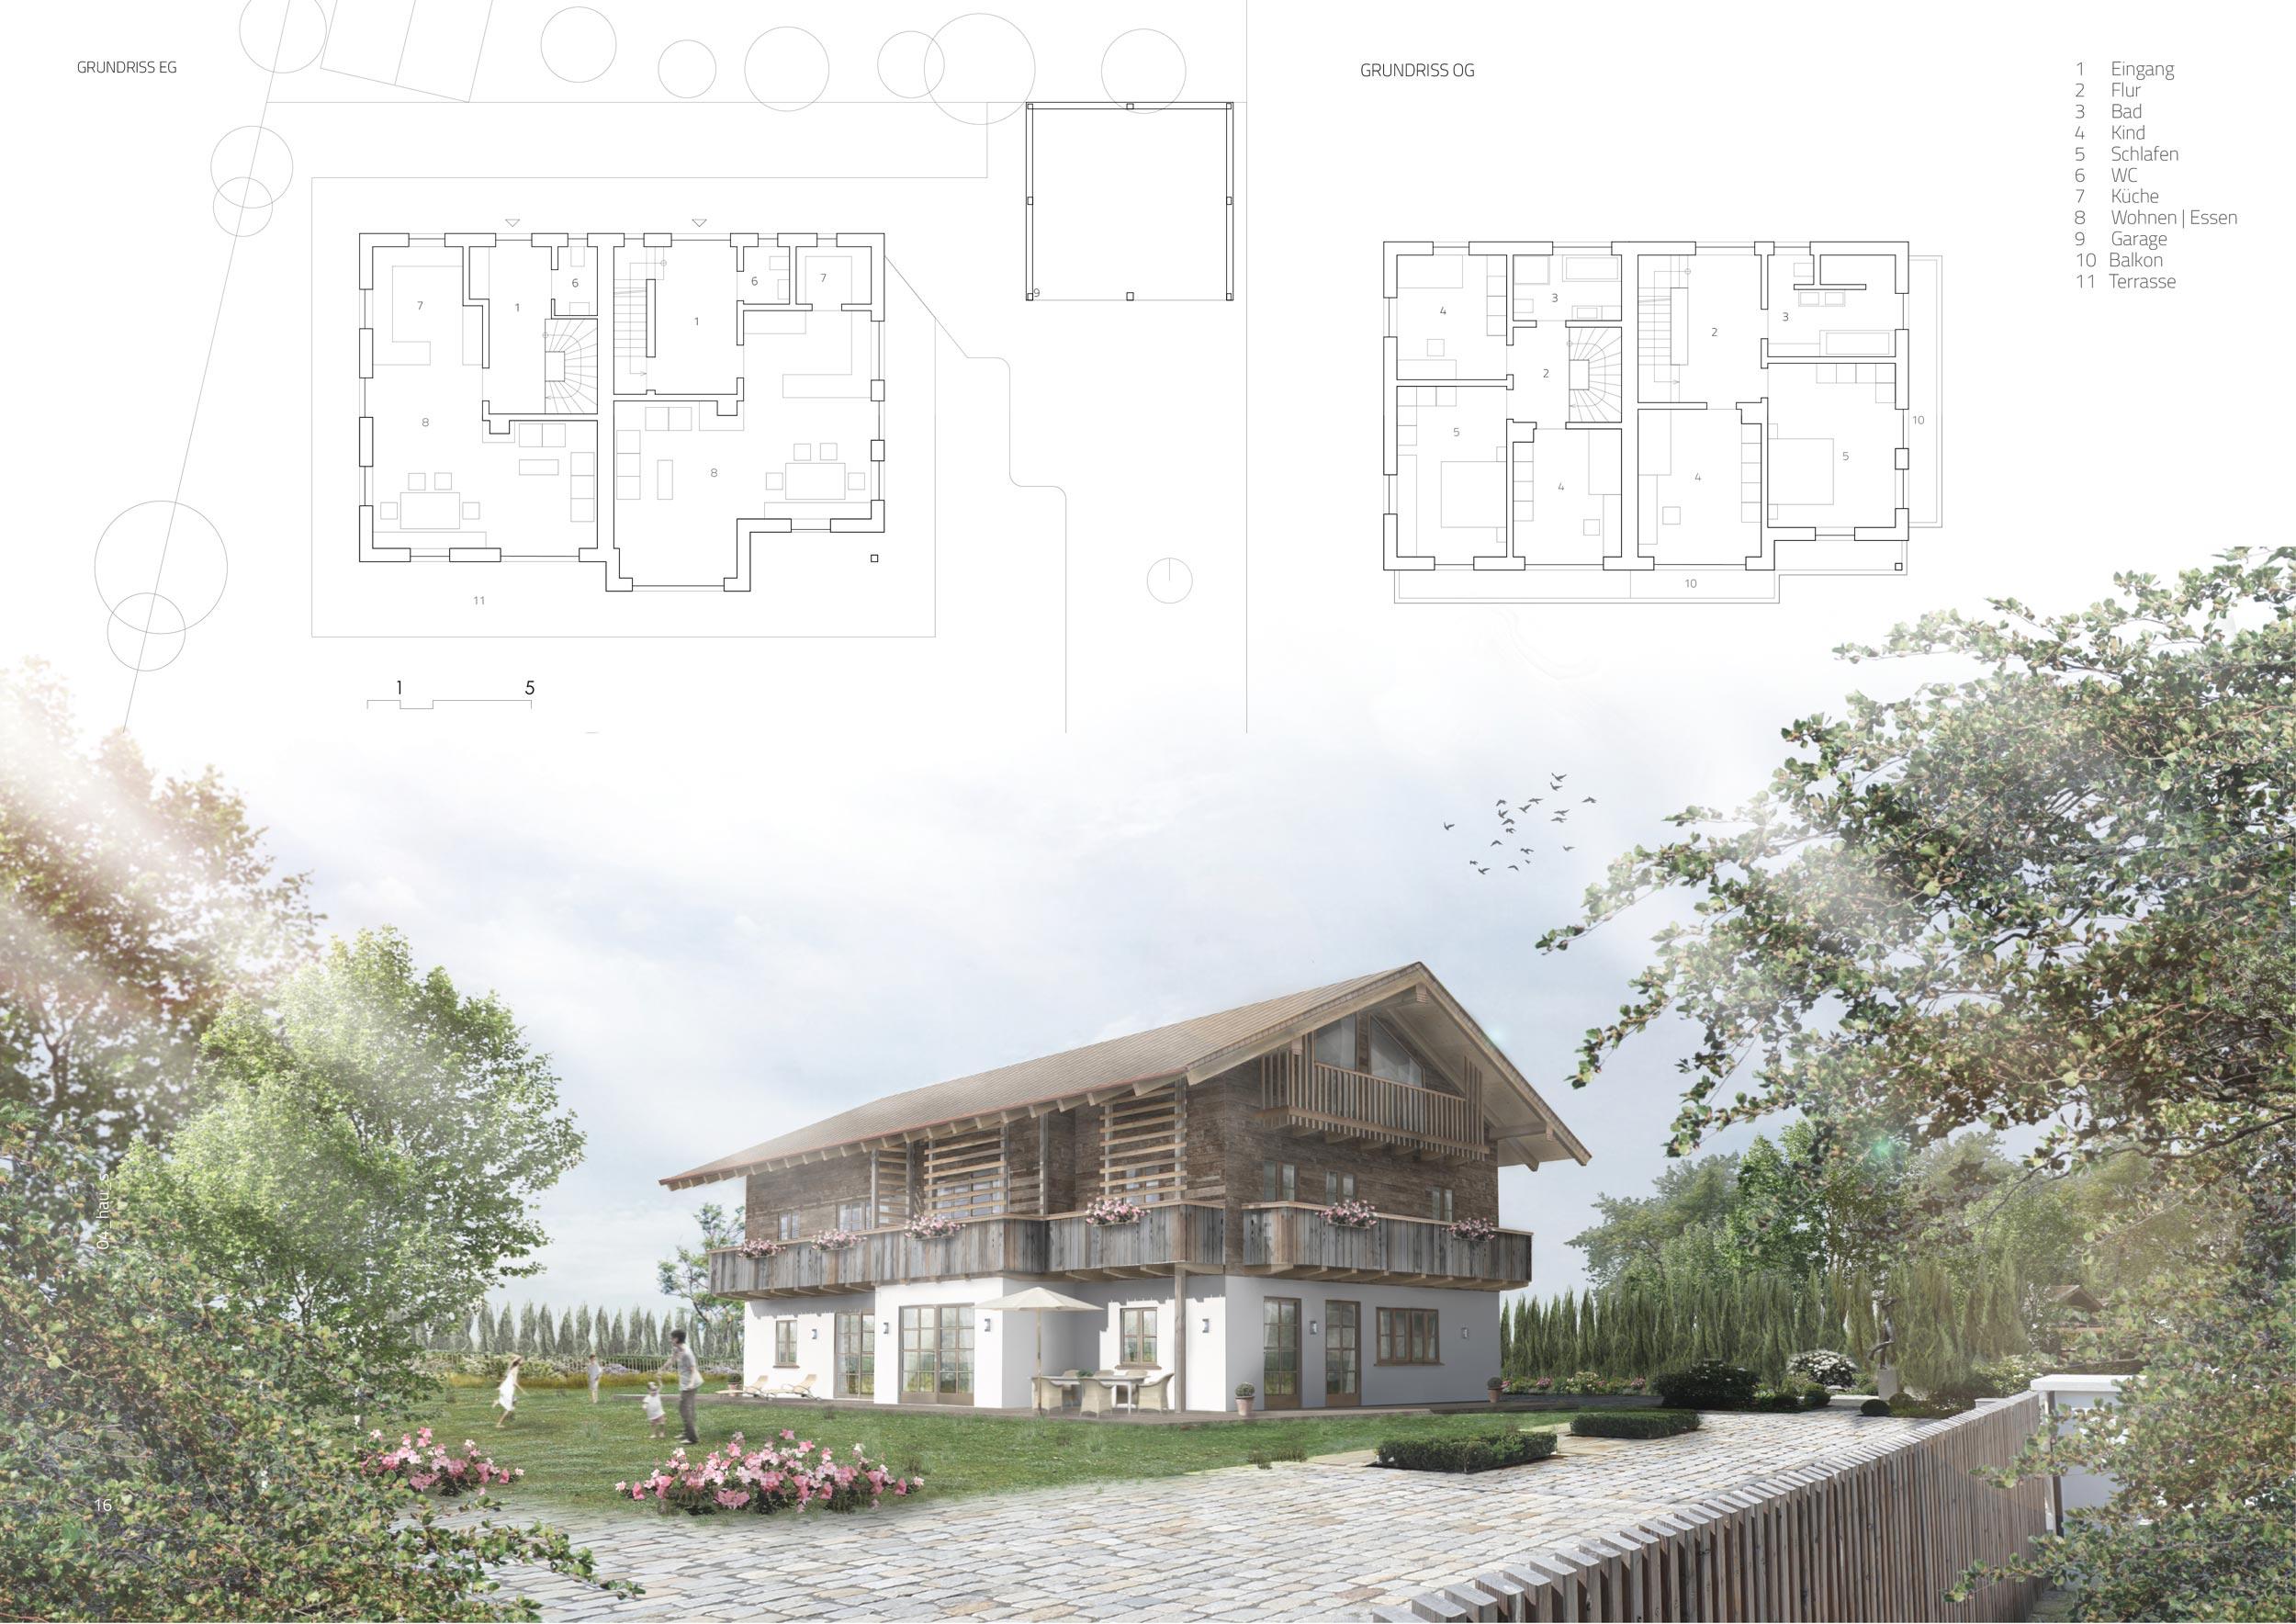 zimmerei-stoib-holzbau-schlüsselfertig-bauen-eingabeplan-rendering.jpg